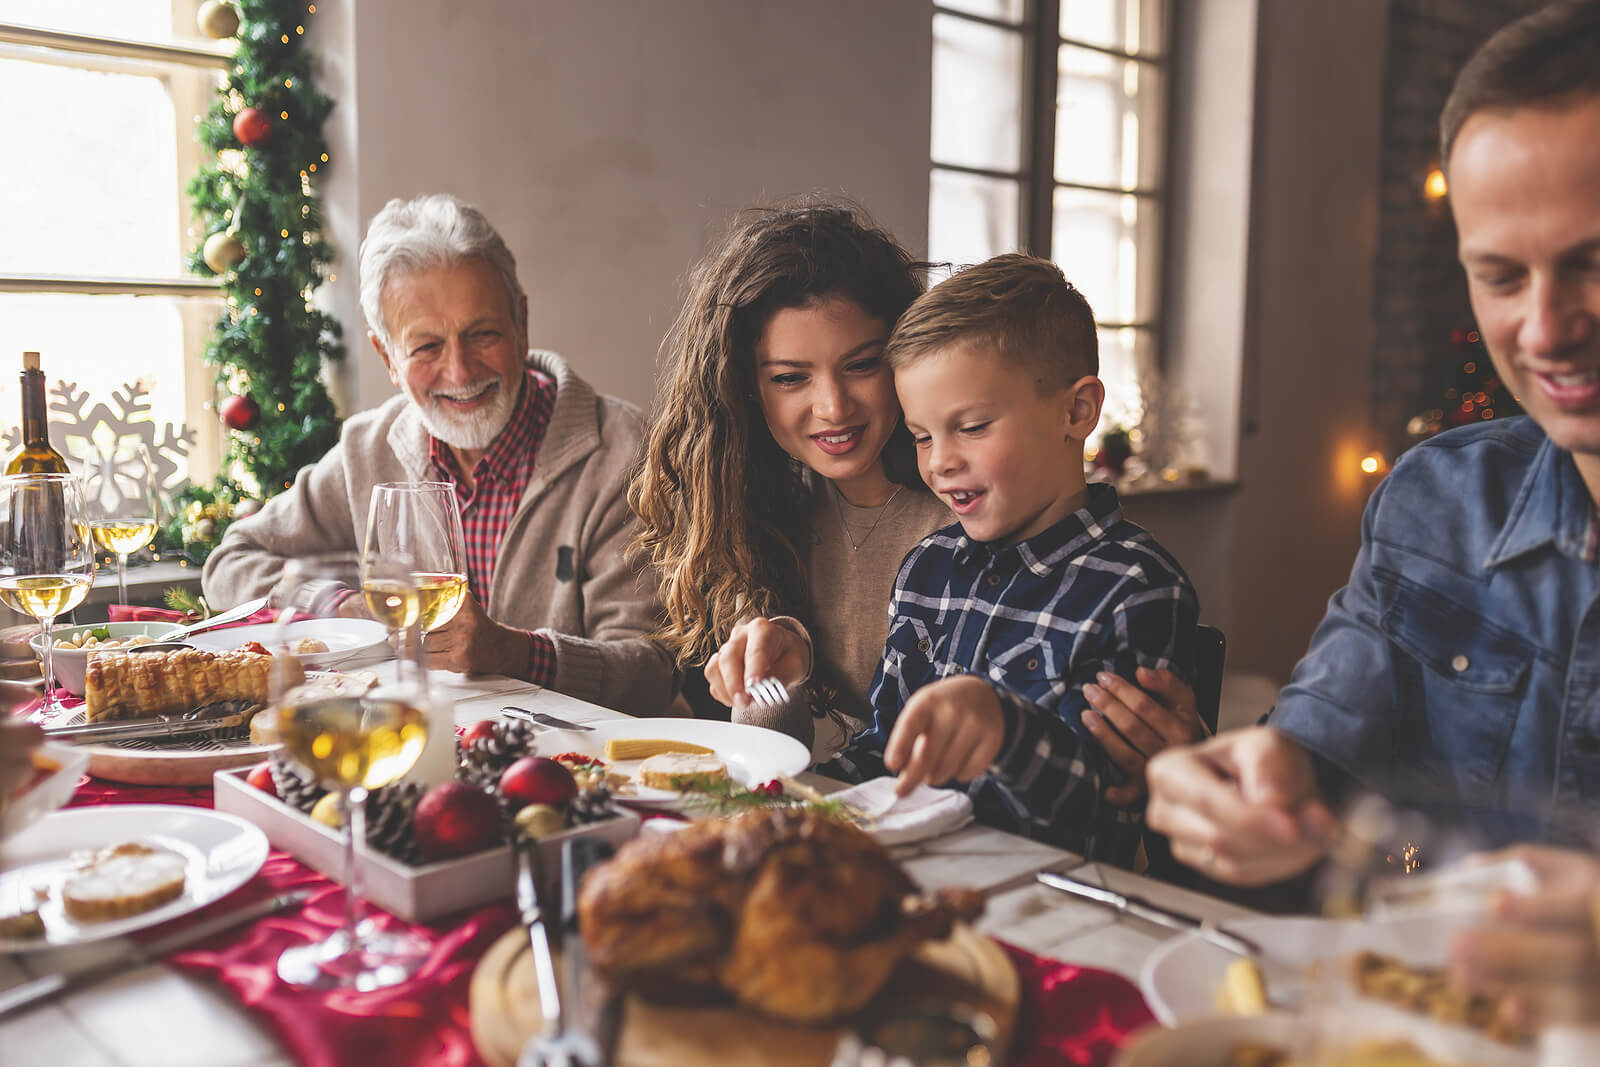 Familia evitando los conflictos en Navidad mientras cenan.